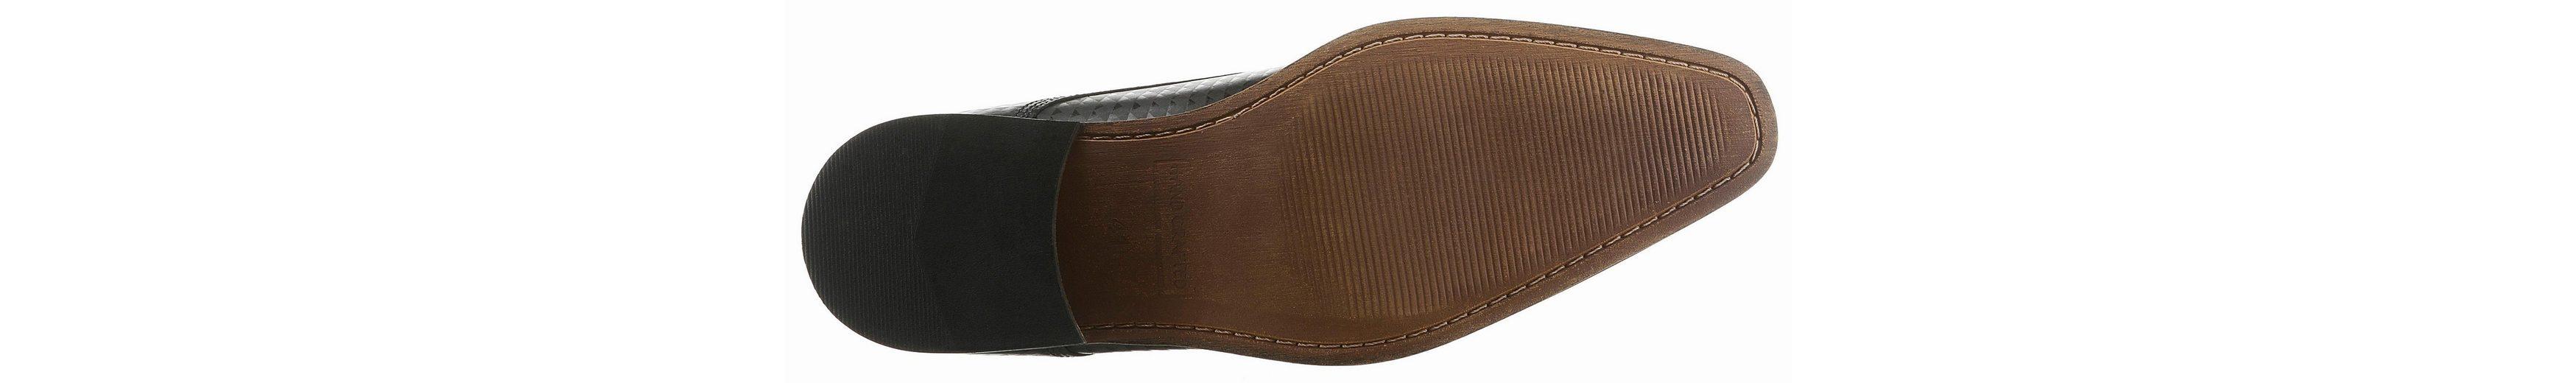 Bullboxer Schnürschuh, mit herausnehmbarer Decksohle